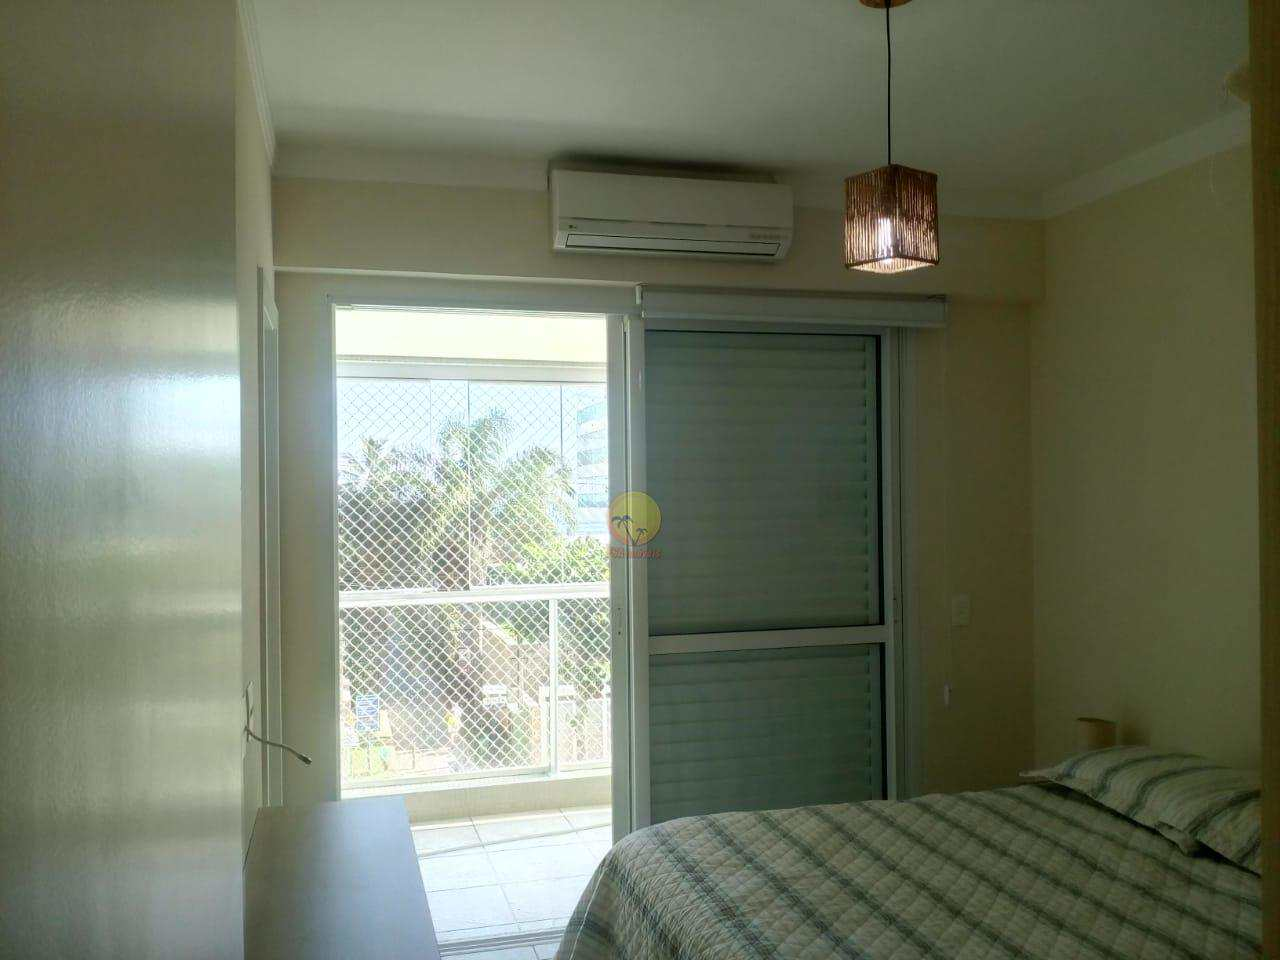 Apartamento com 3 dorms, Riviera de São Lourenço, Bertioga - R$ 2.5 mi, Cod: 3499